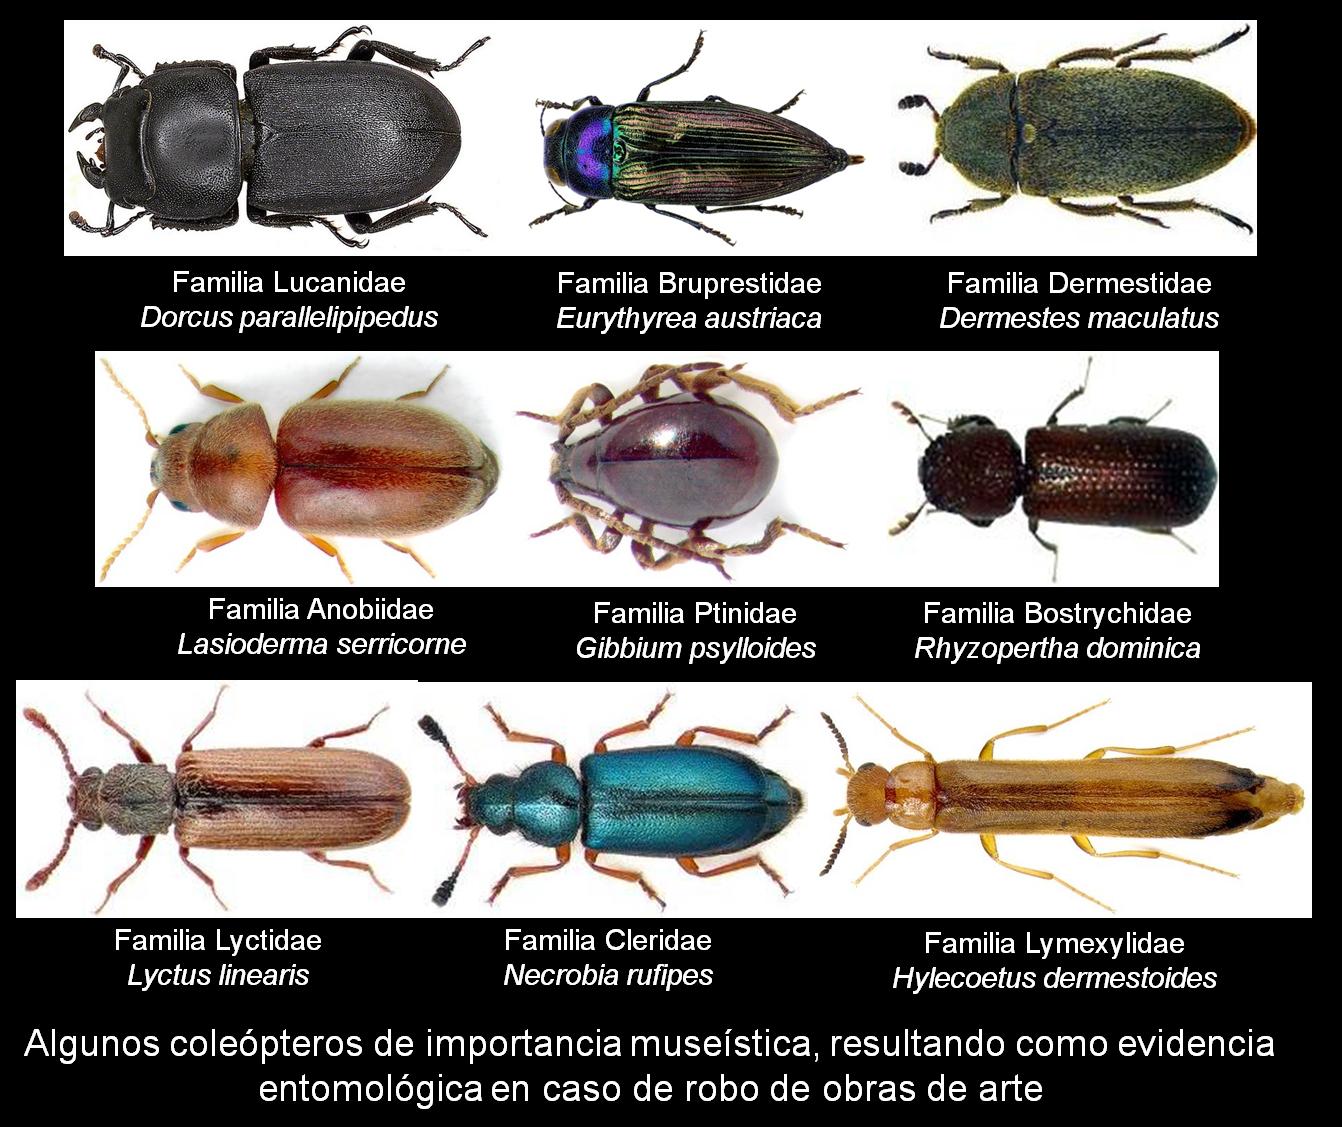 ... de seguro social imprimir codigo de seguridad nombres de insectos